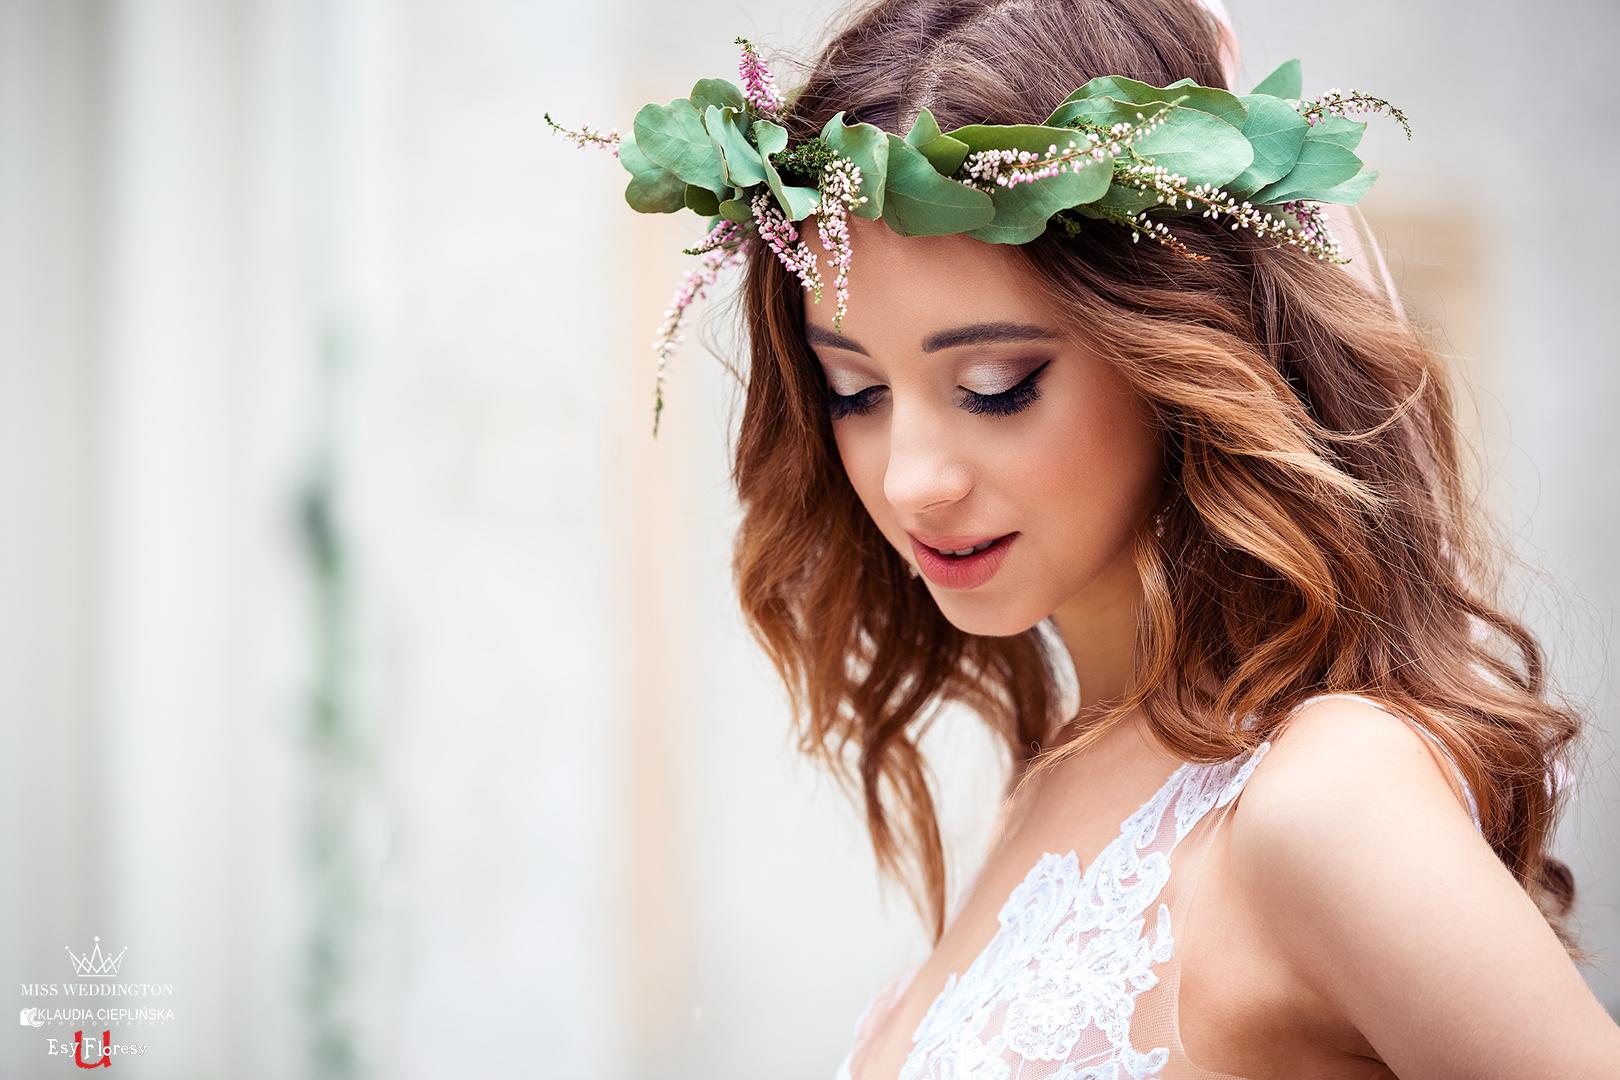 Artystyczna fotografia ślubna Jelenia Góra - zapraszam serdecznie Pary, dla których jakość fotografii ślubnej ma znaczenie.